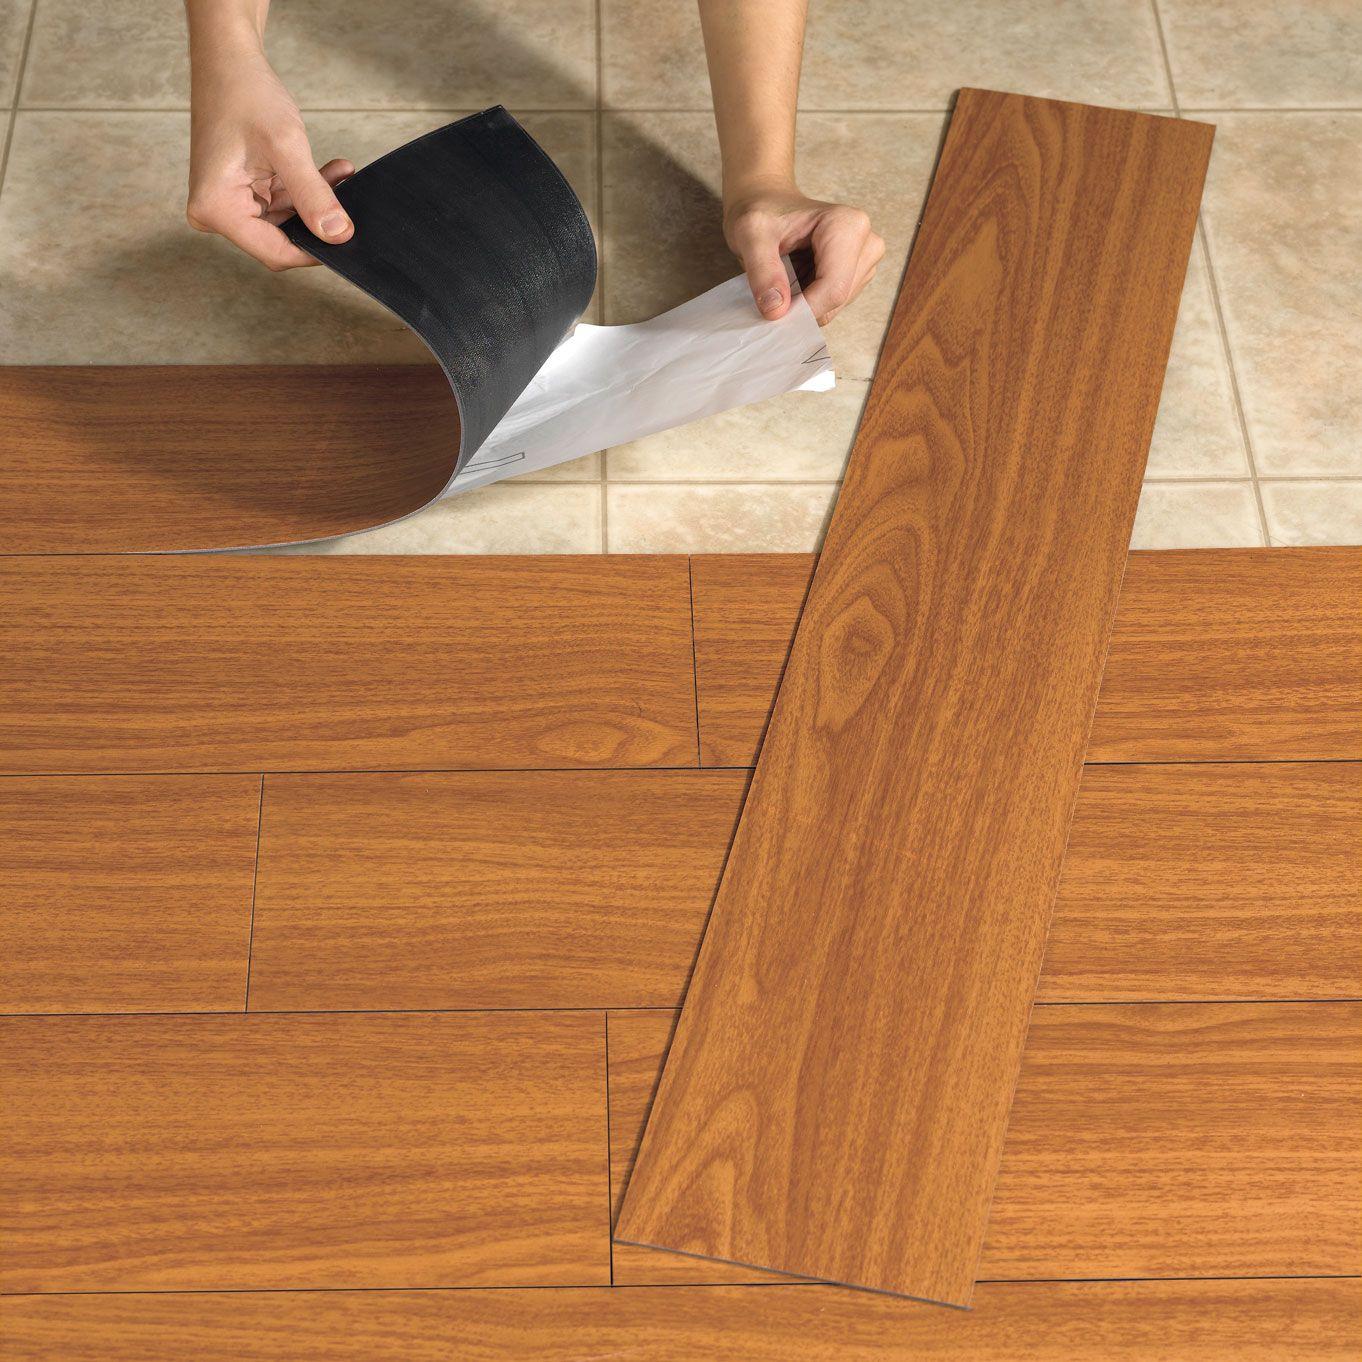 overing Vinyl Flooring & Vinyl Floor Vinyl Floor overing Strip ... - ^